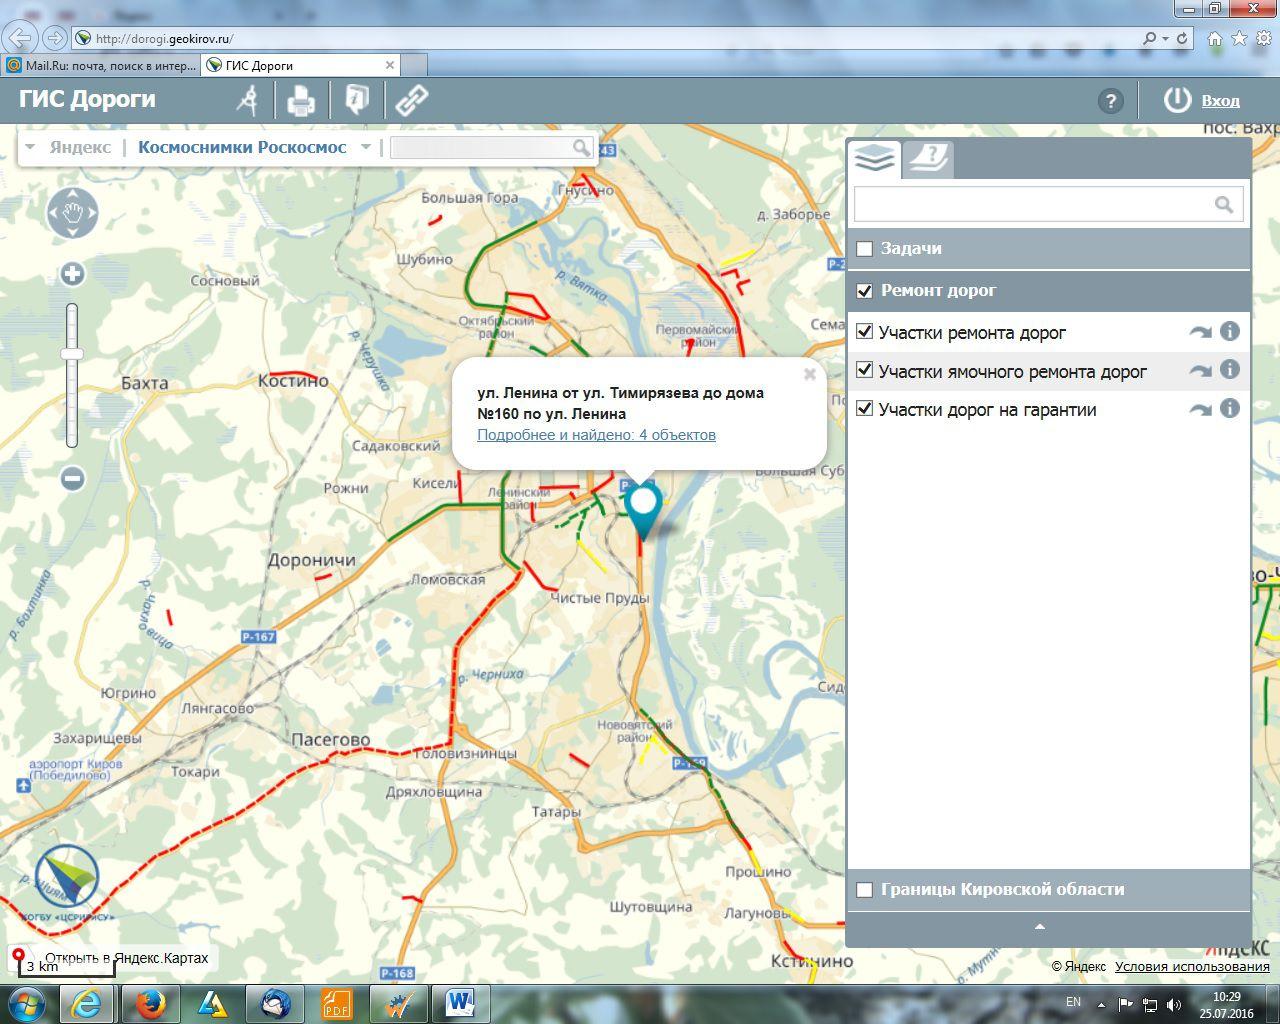 Ремонт кировских дорог нанесли на карту